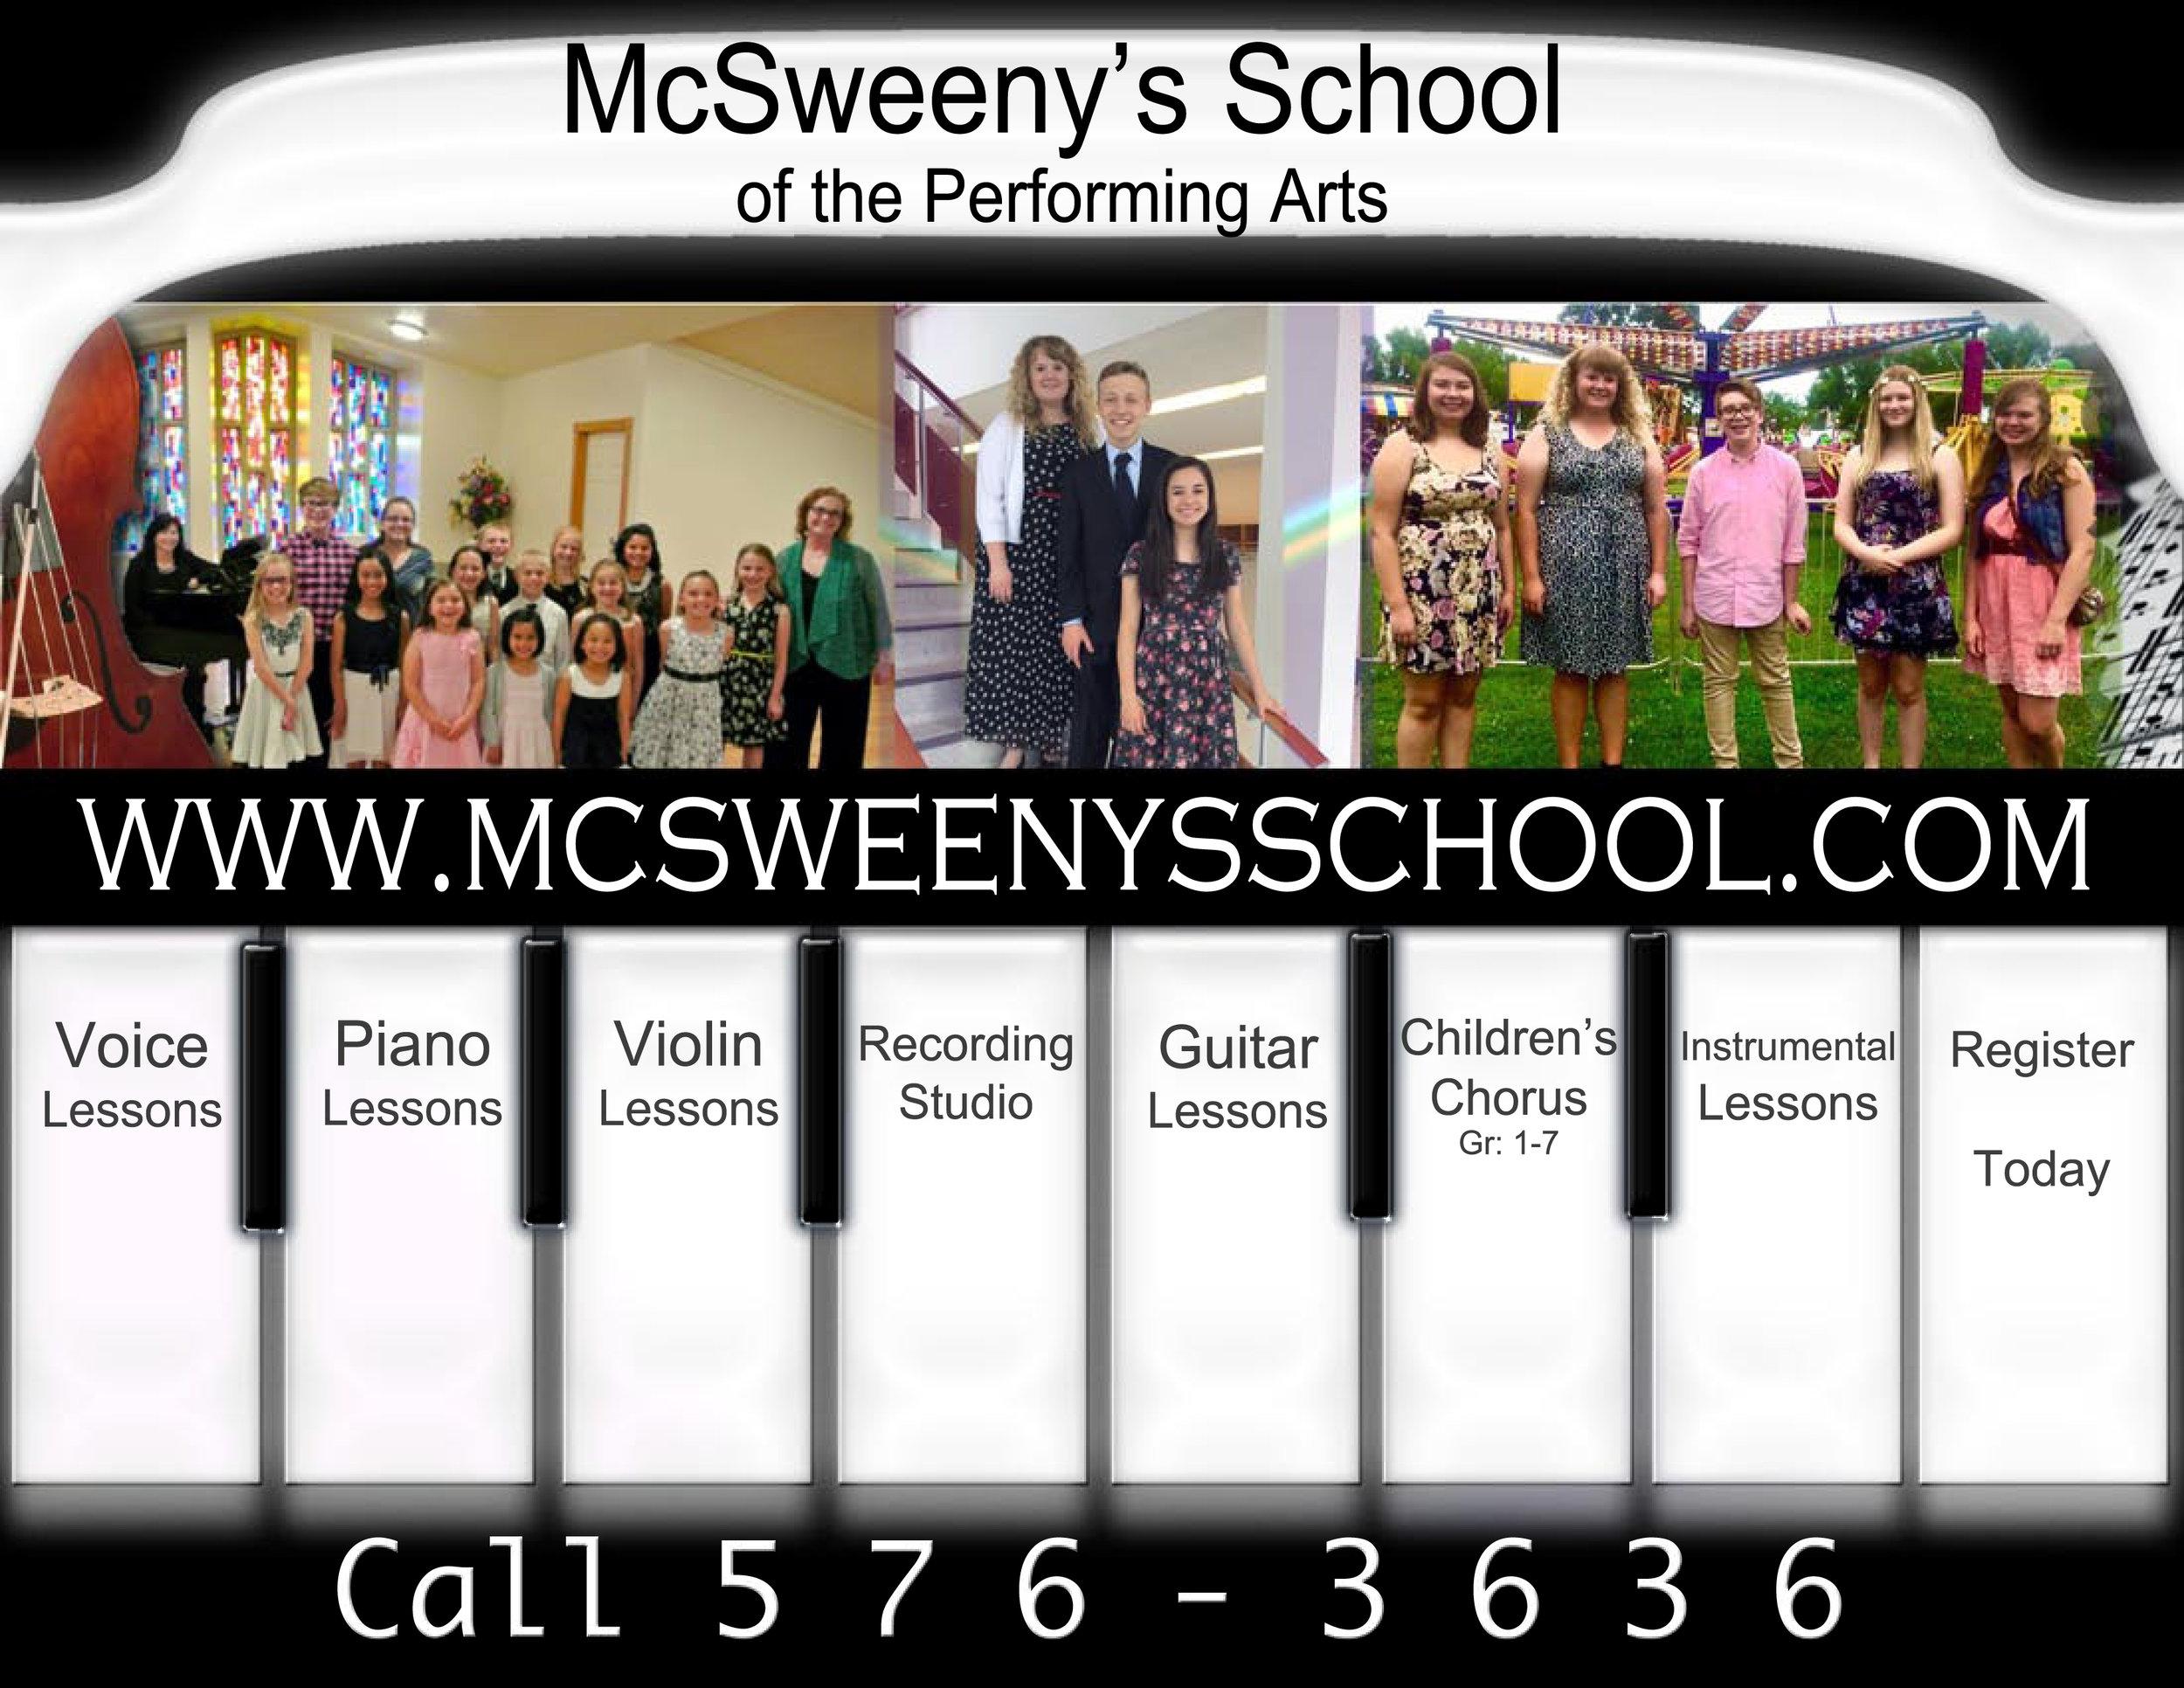 2016_mcsweenysschool_flyer-1.jpg